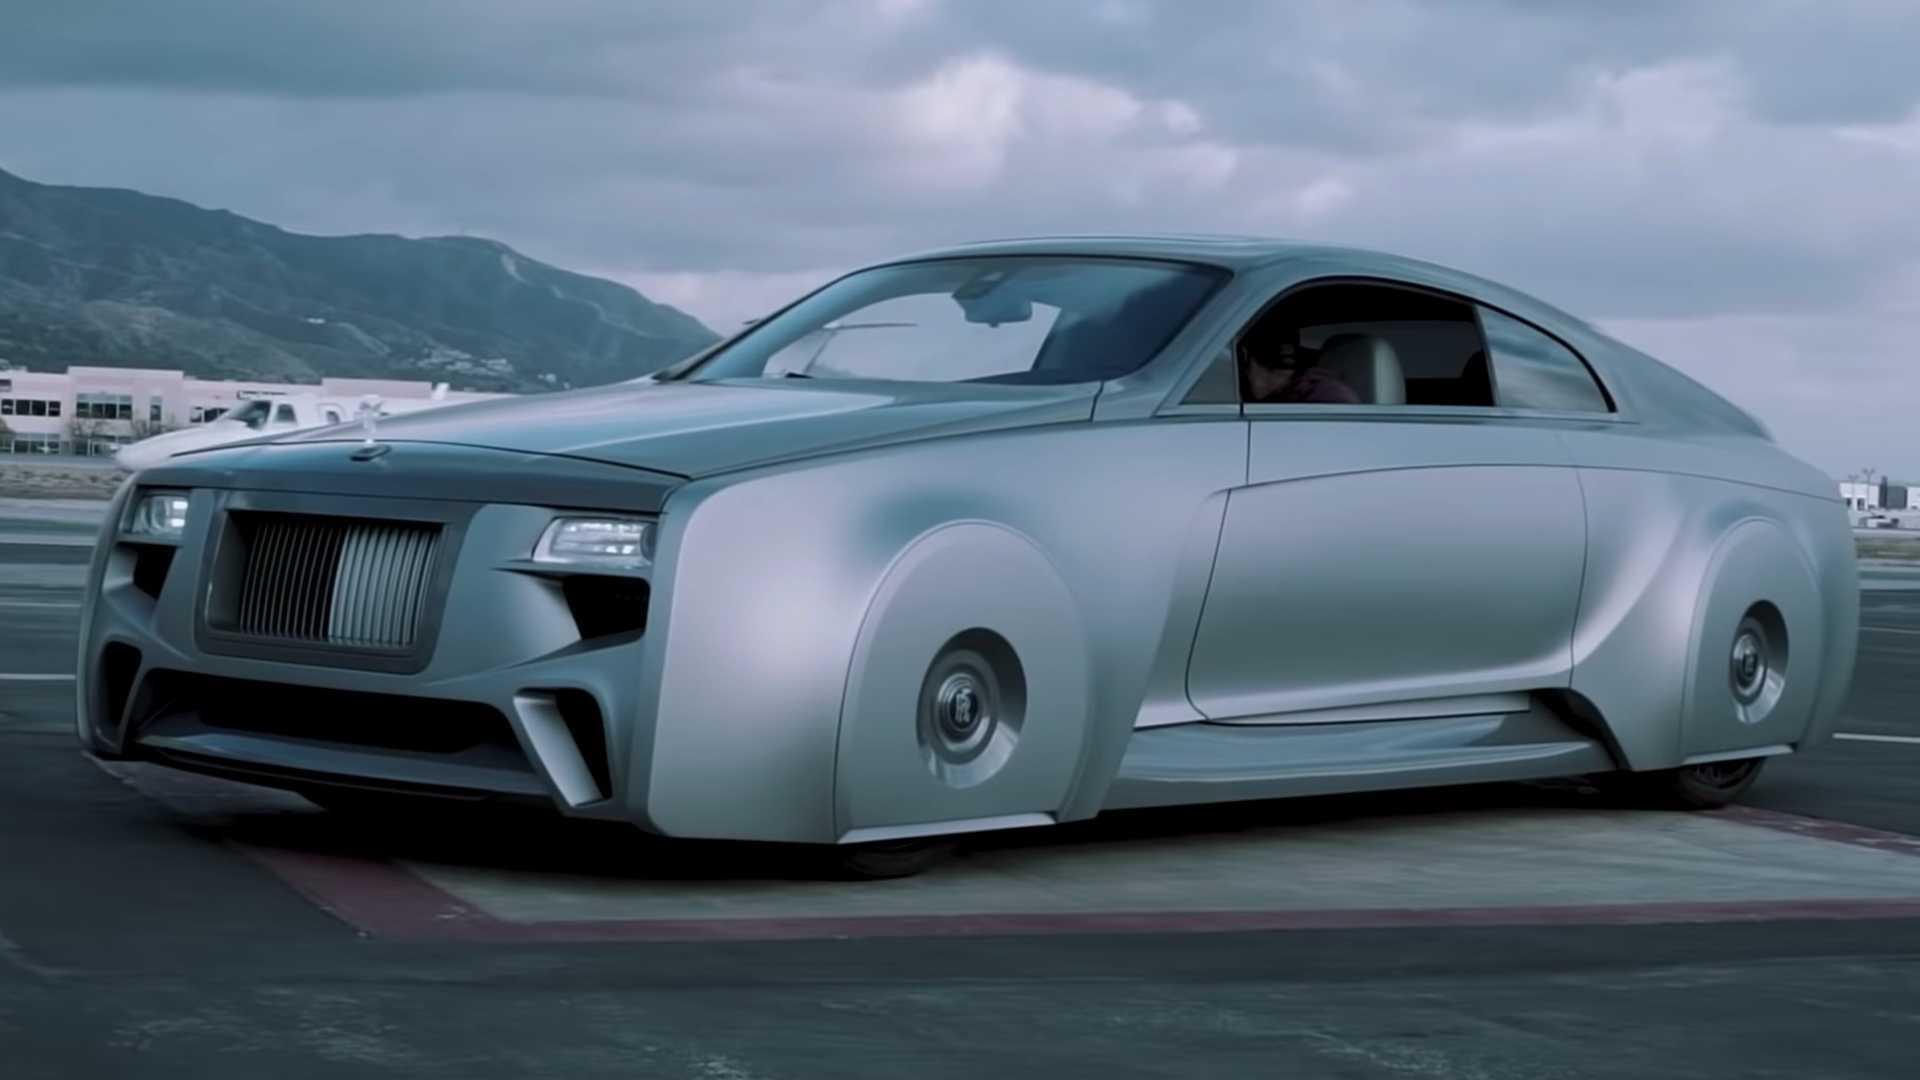 West Coast Customs Shows How It Built Justin Bieber's Weird Rolls-Royce